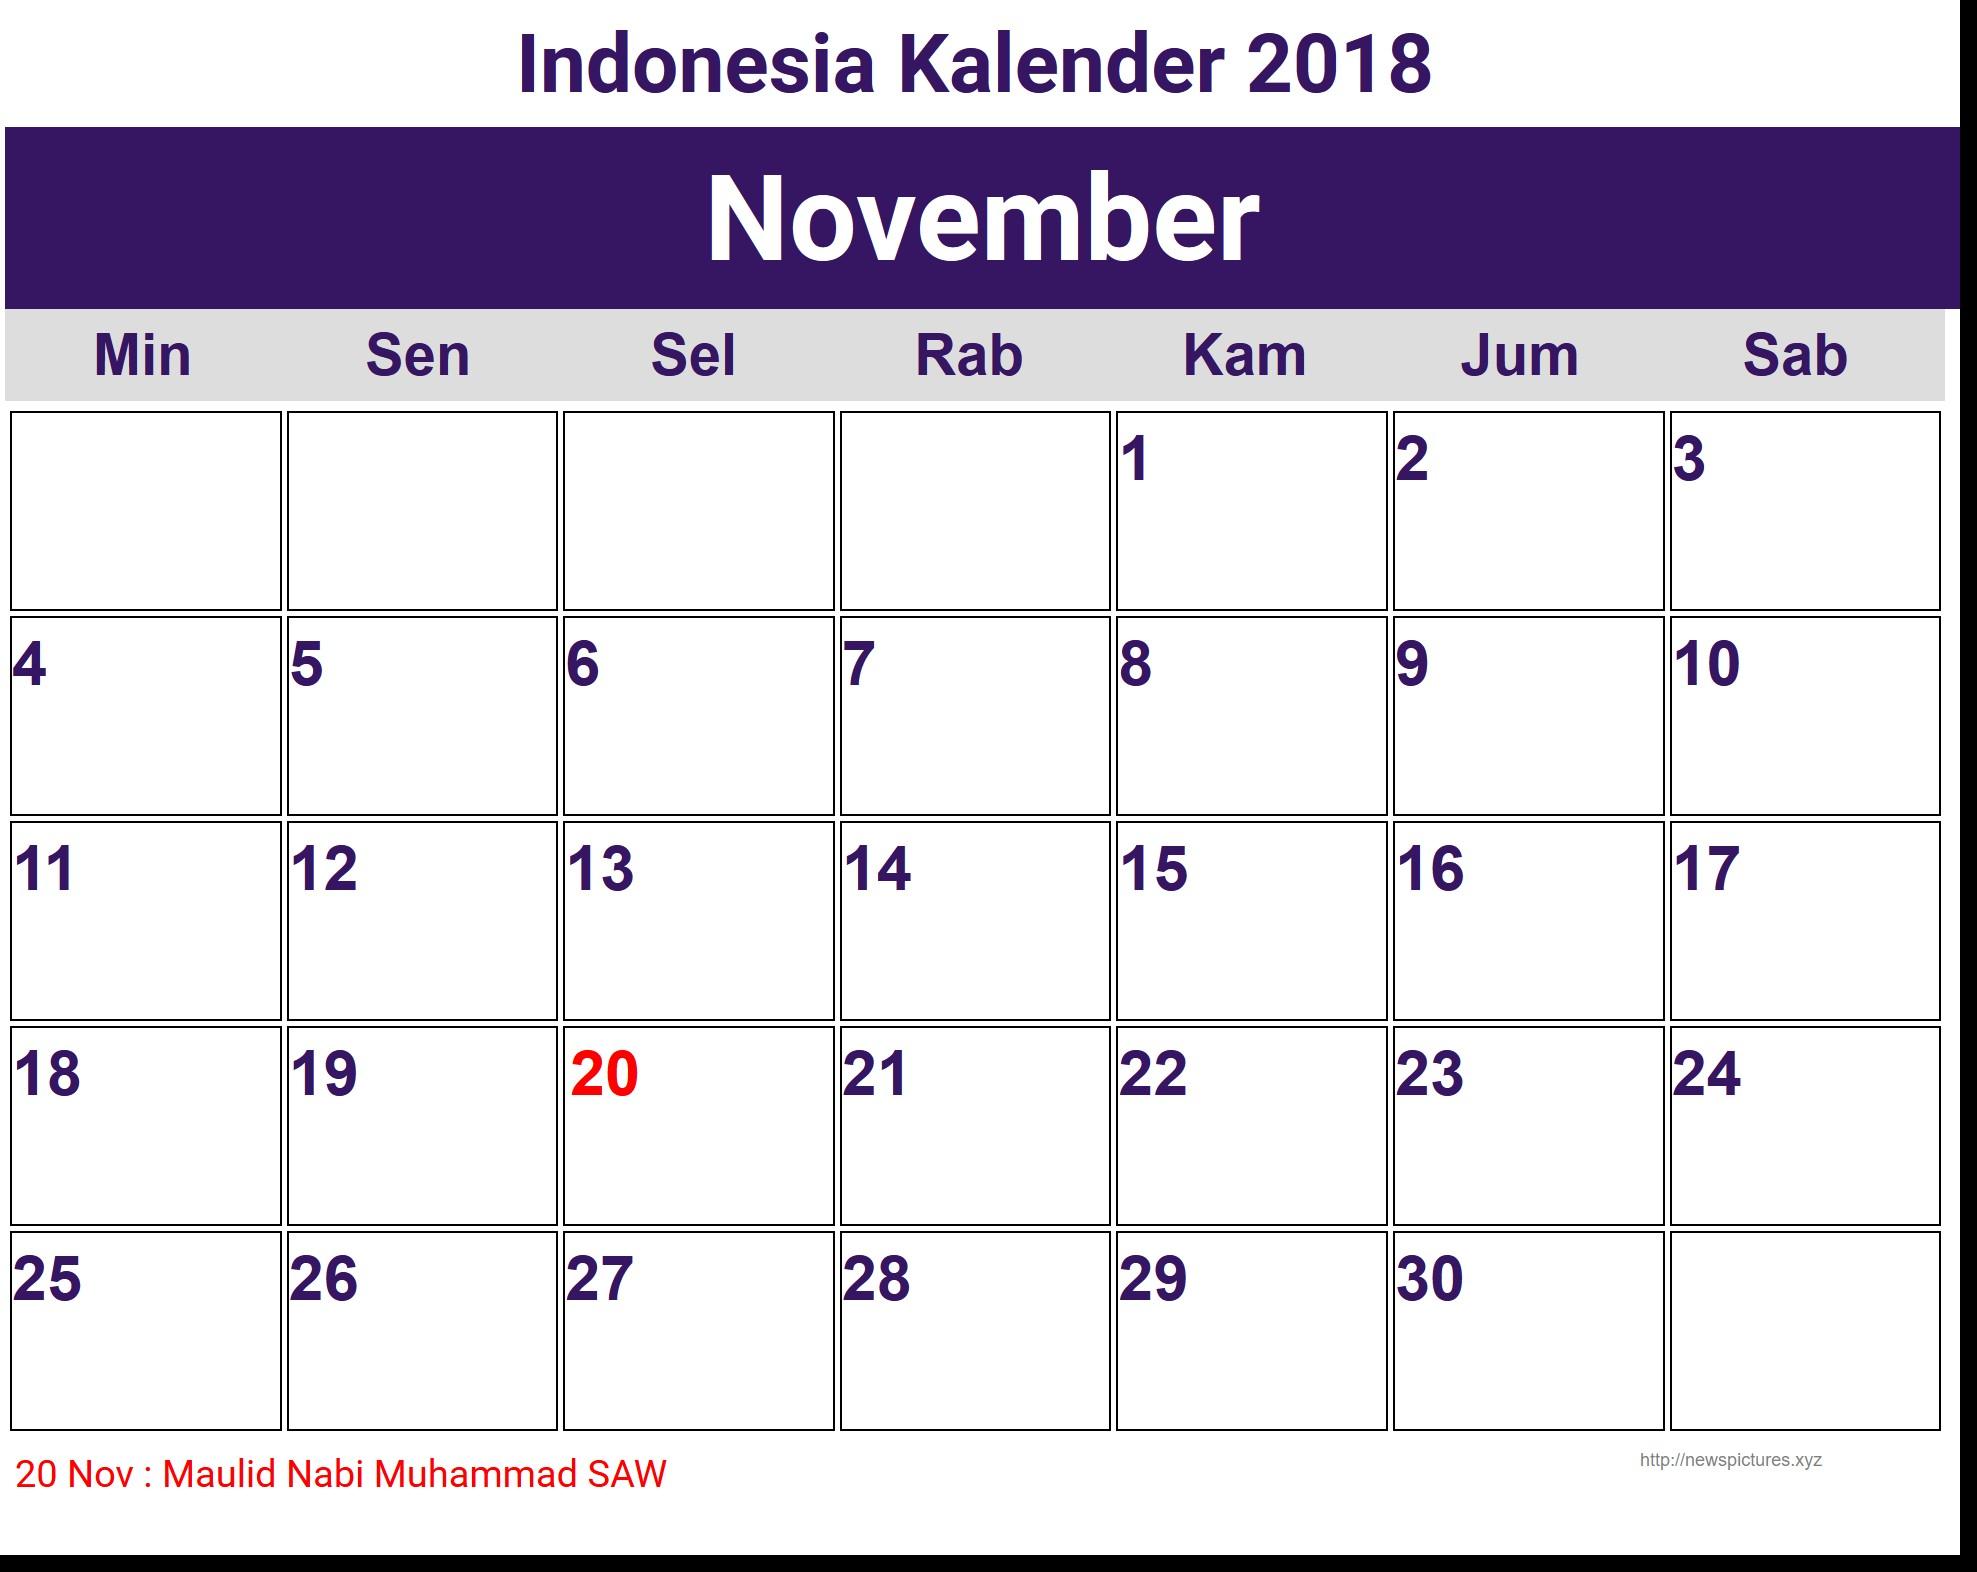 Calendario Mayo 2019 Más Recientes Image for November Indonesia Kalender 2018 Kalender Of Calendario Mayo 2019 Más Arriba-a-fecha Calendario De Google Revenue & Download Estimates Apple